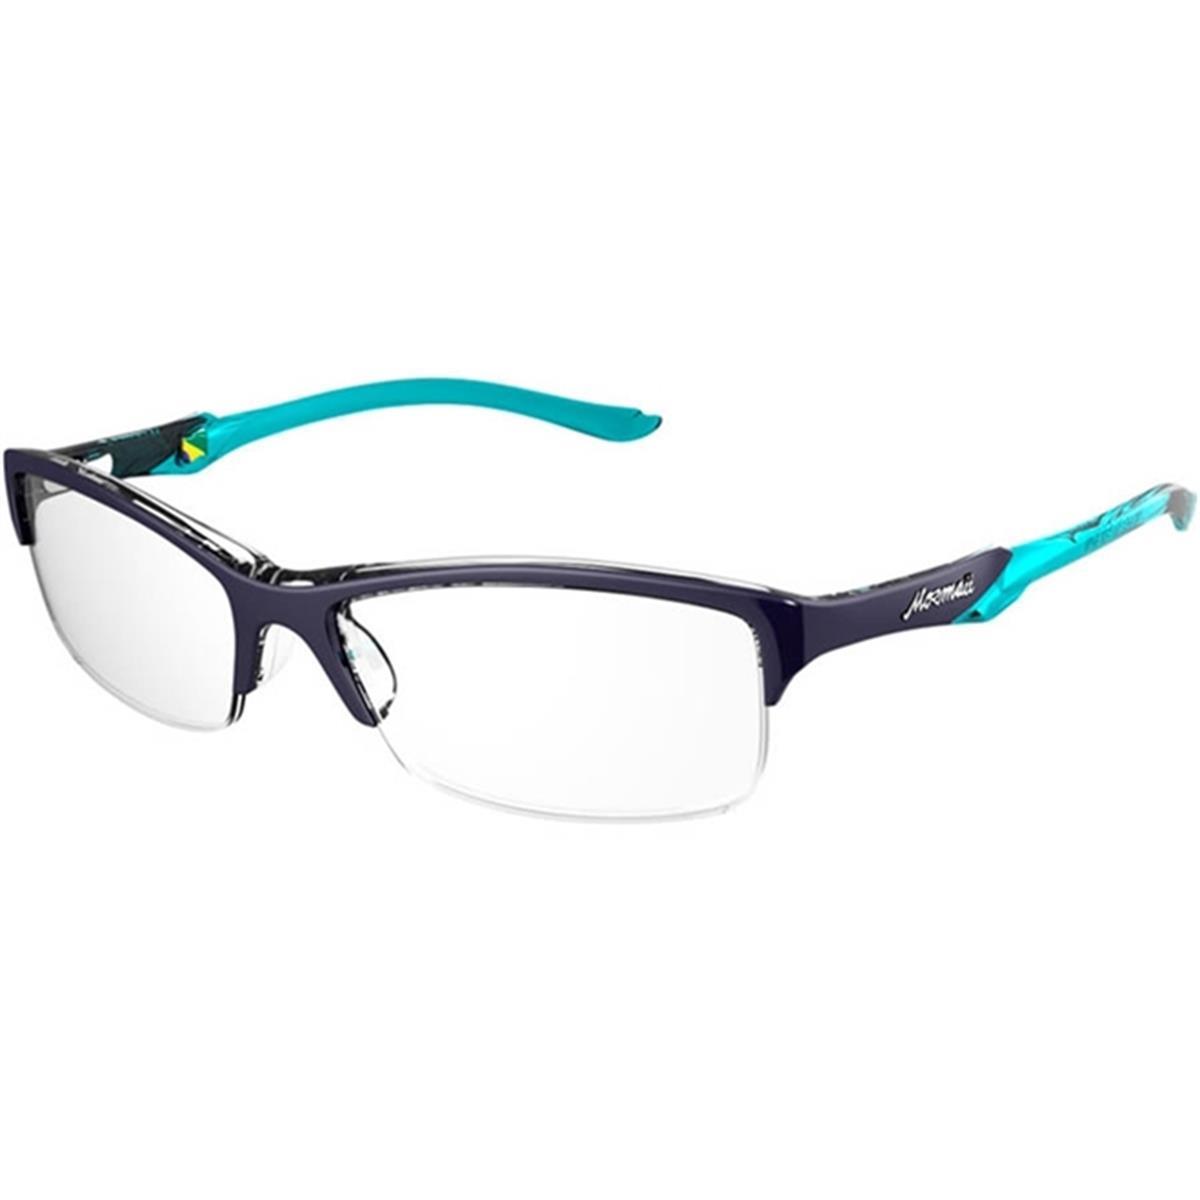 0f34426142cad Armação de Óculos Azul Cerrado Malaga Mormaii